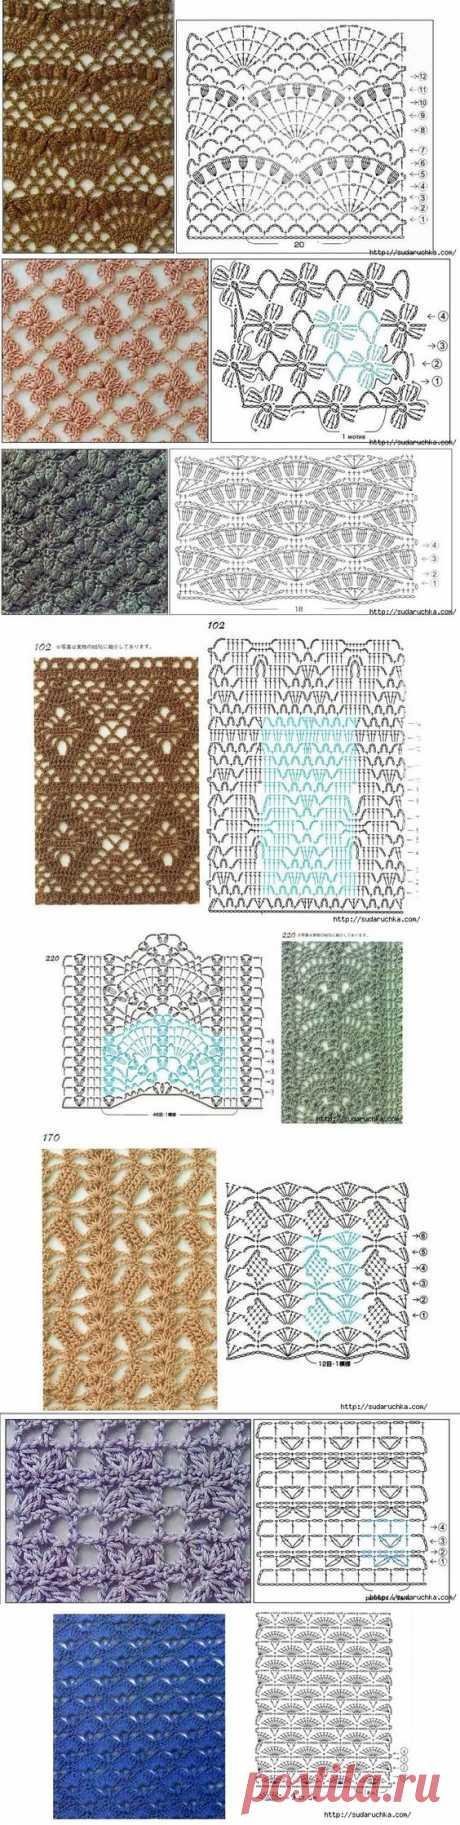 Ganchillo Crochet Patrón Esquema Diagrama | Crochet